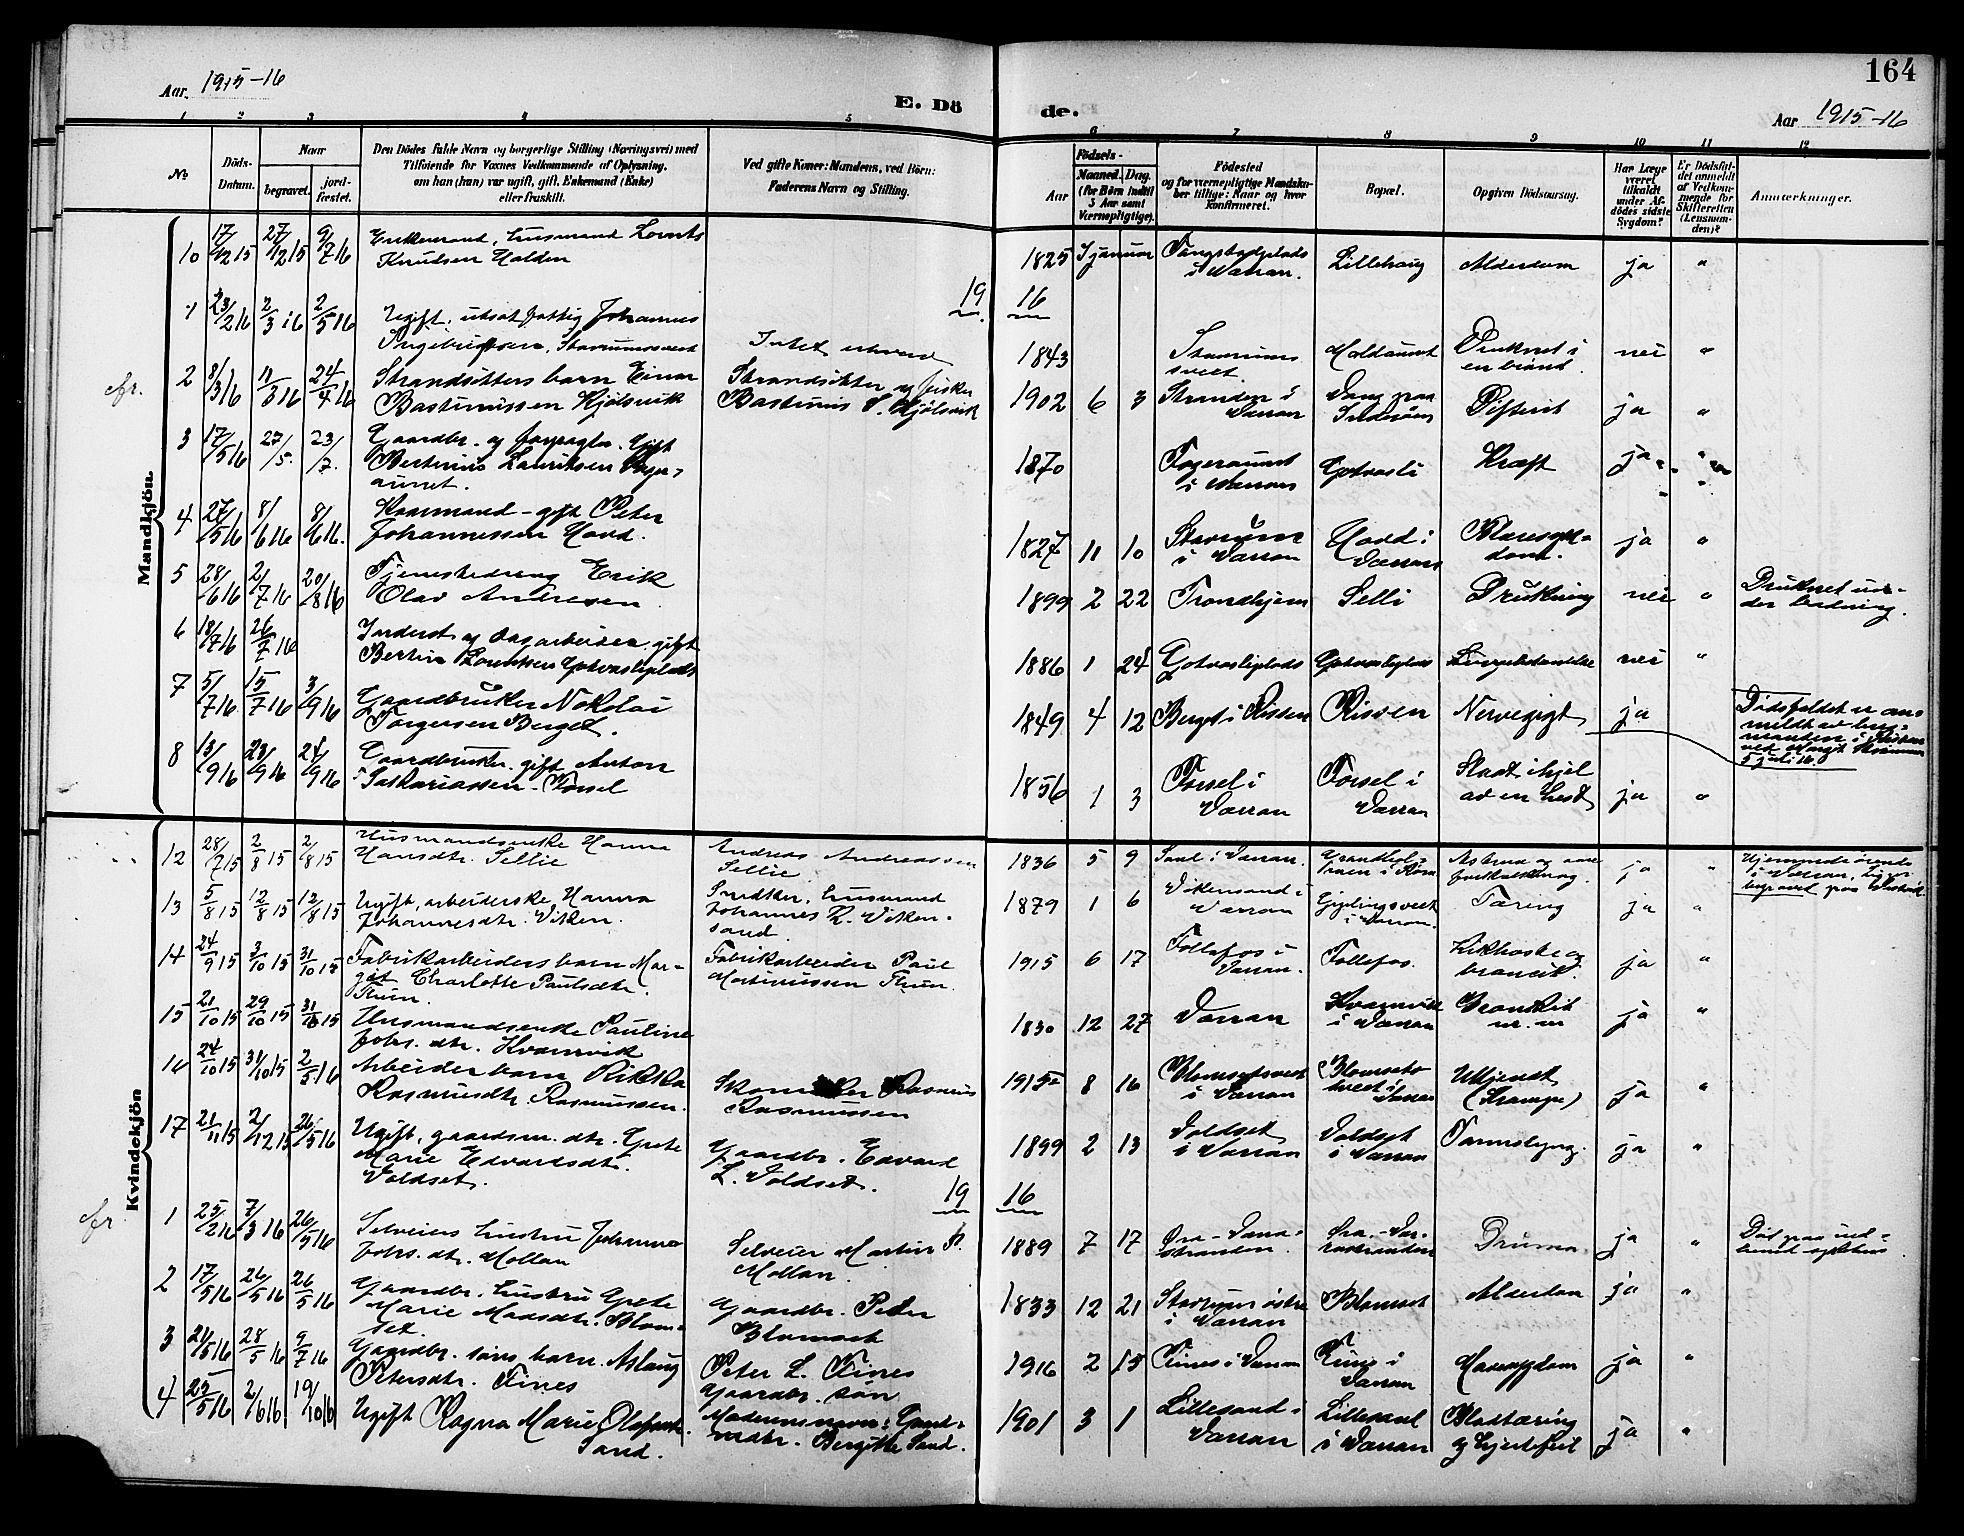 SAT, Ministerialprotokoller, klokkerbøker og fødselsregistre - Nord-Trøndelag, 744/L0424: Klokkerbok nr. 744C03, 1906-1923, s. 164